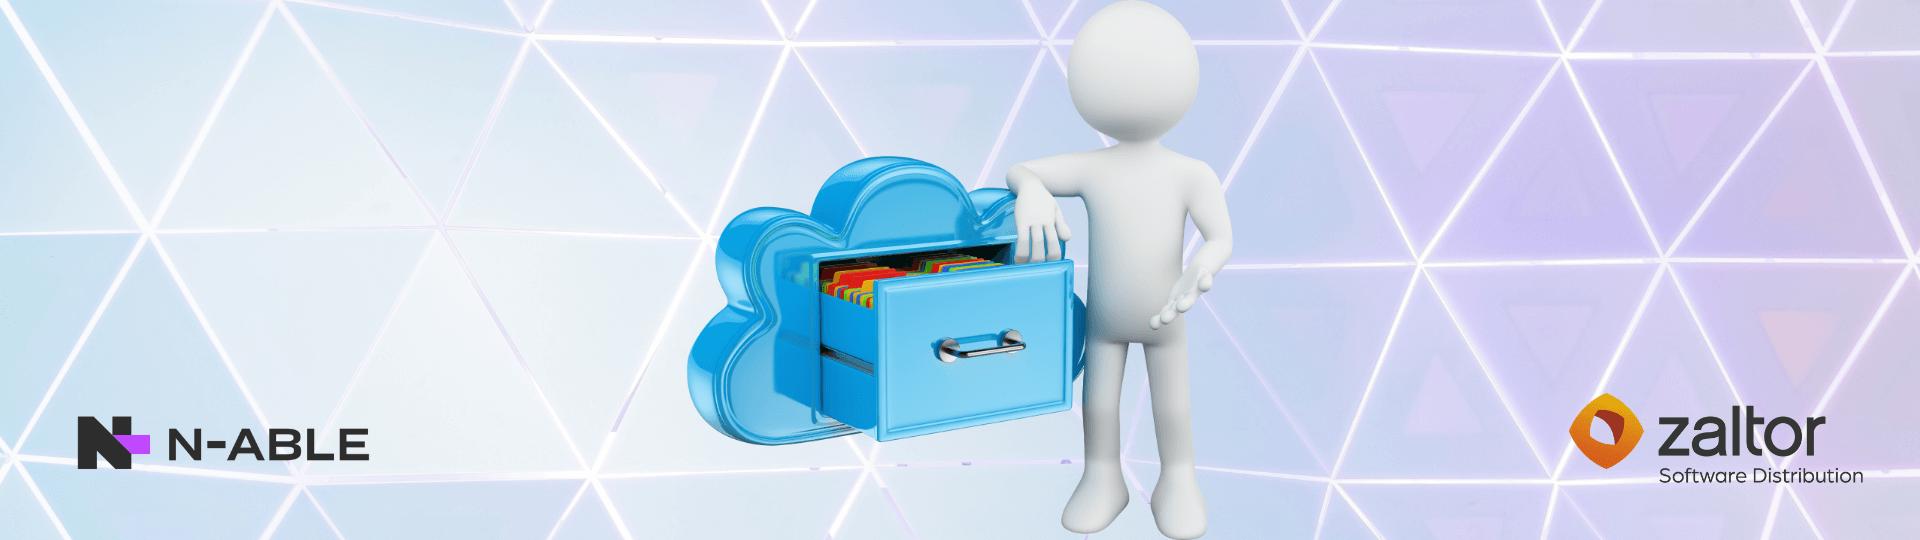 N-Able RMM La consola servicios gestionados a tus clientes